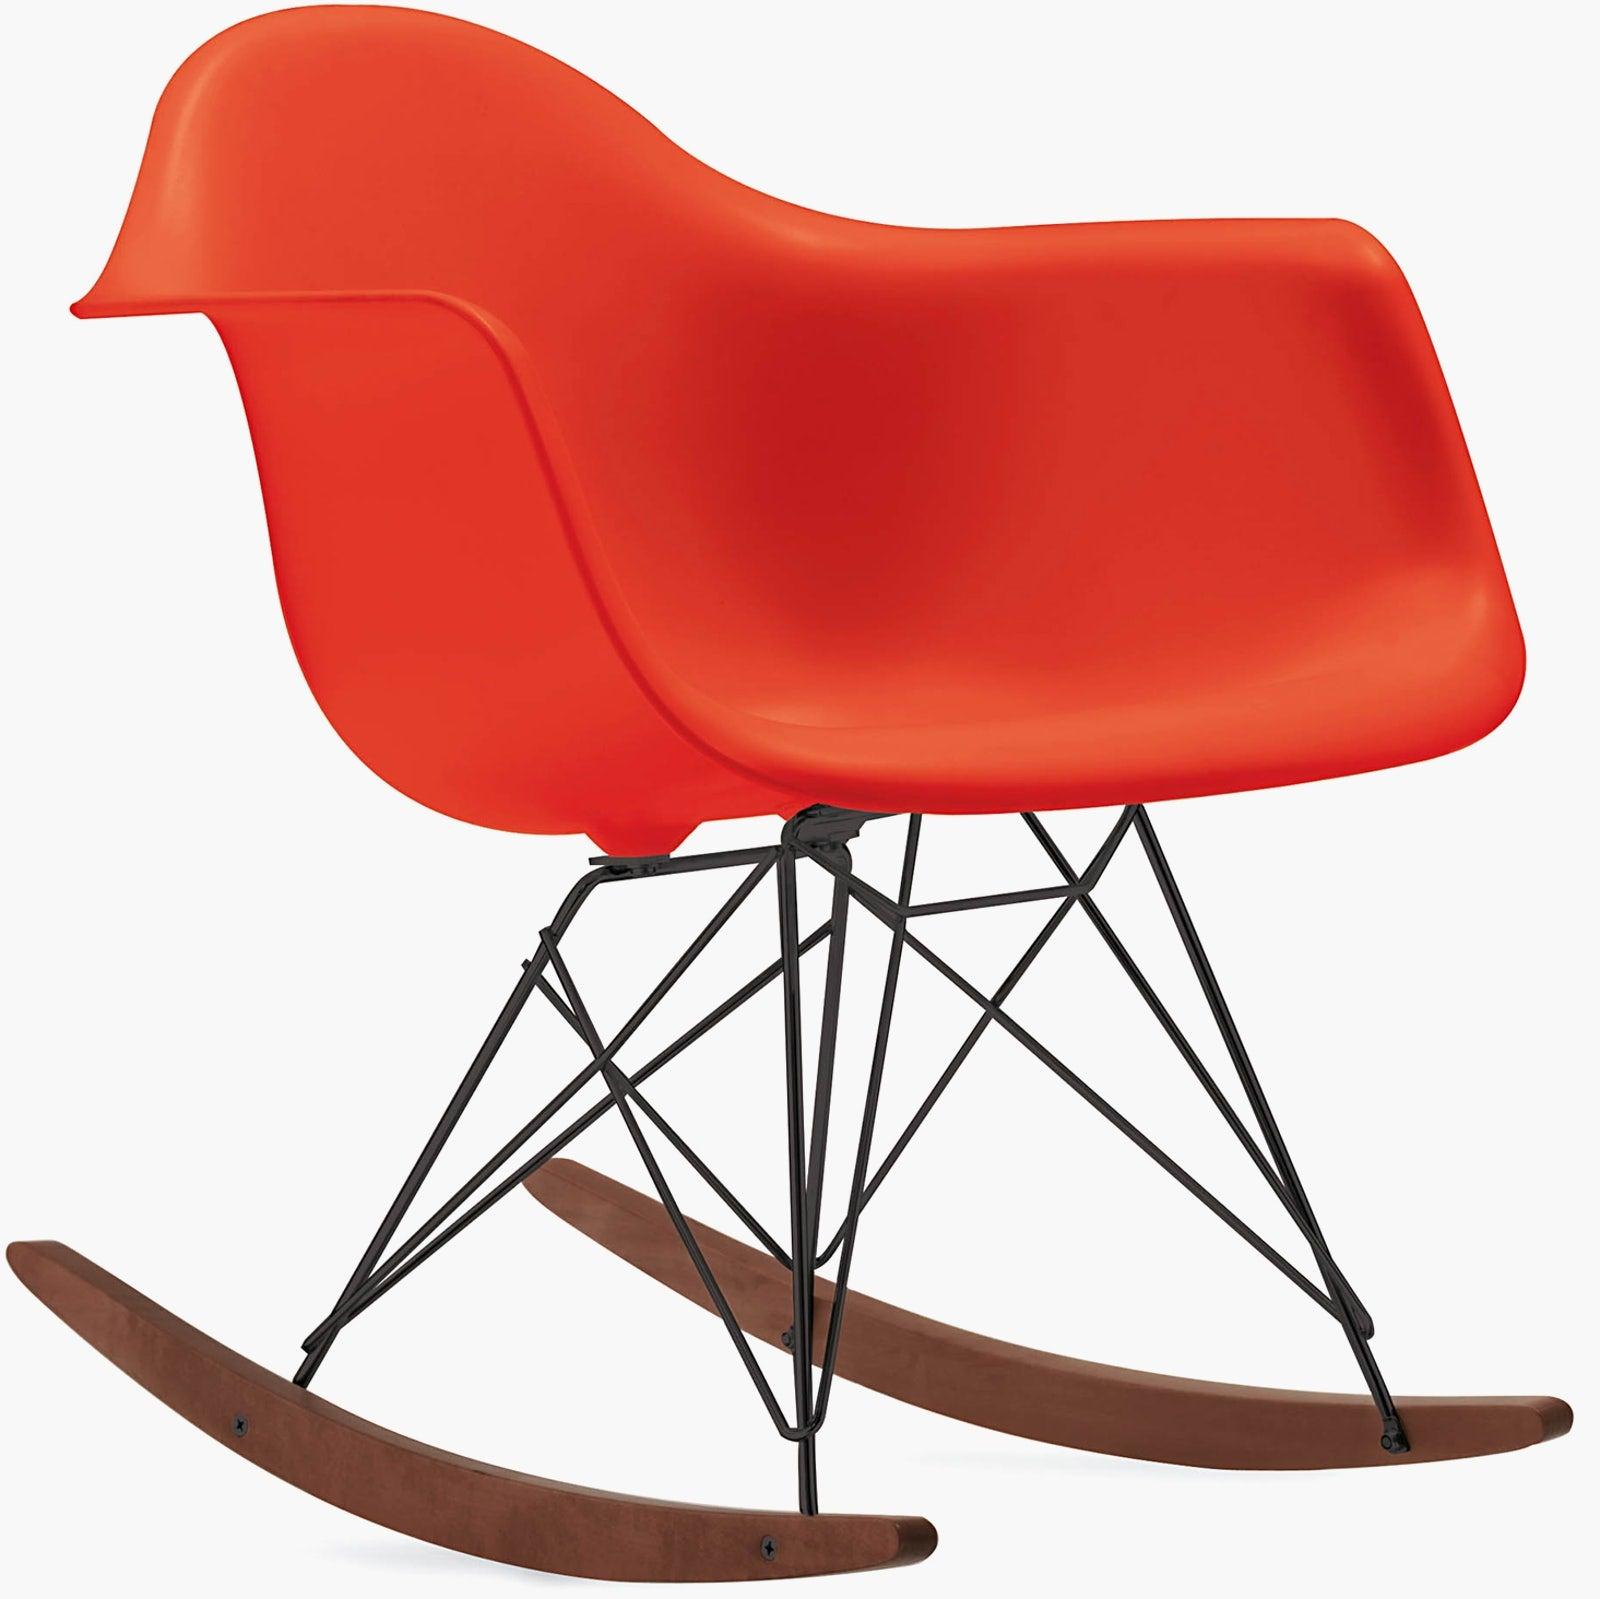 W-PD_2197712_850_SHELL_red_orange_BASE_black_RUNNER_walnut-jpg